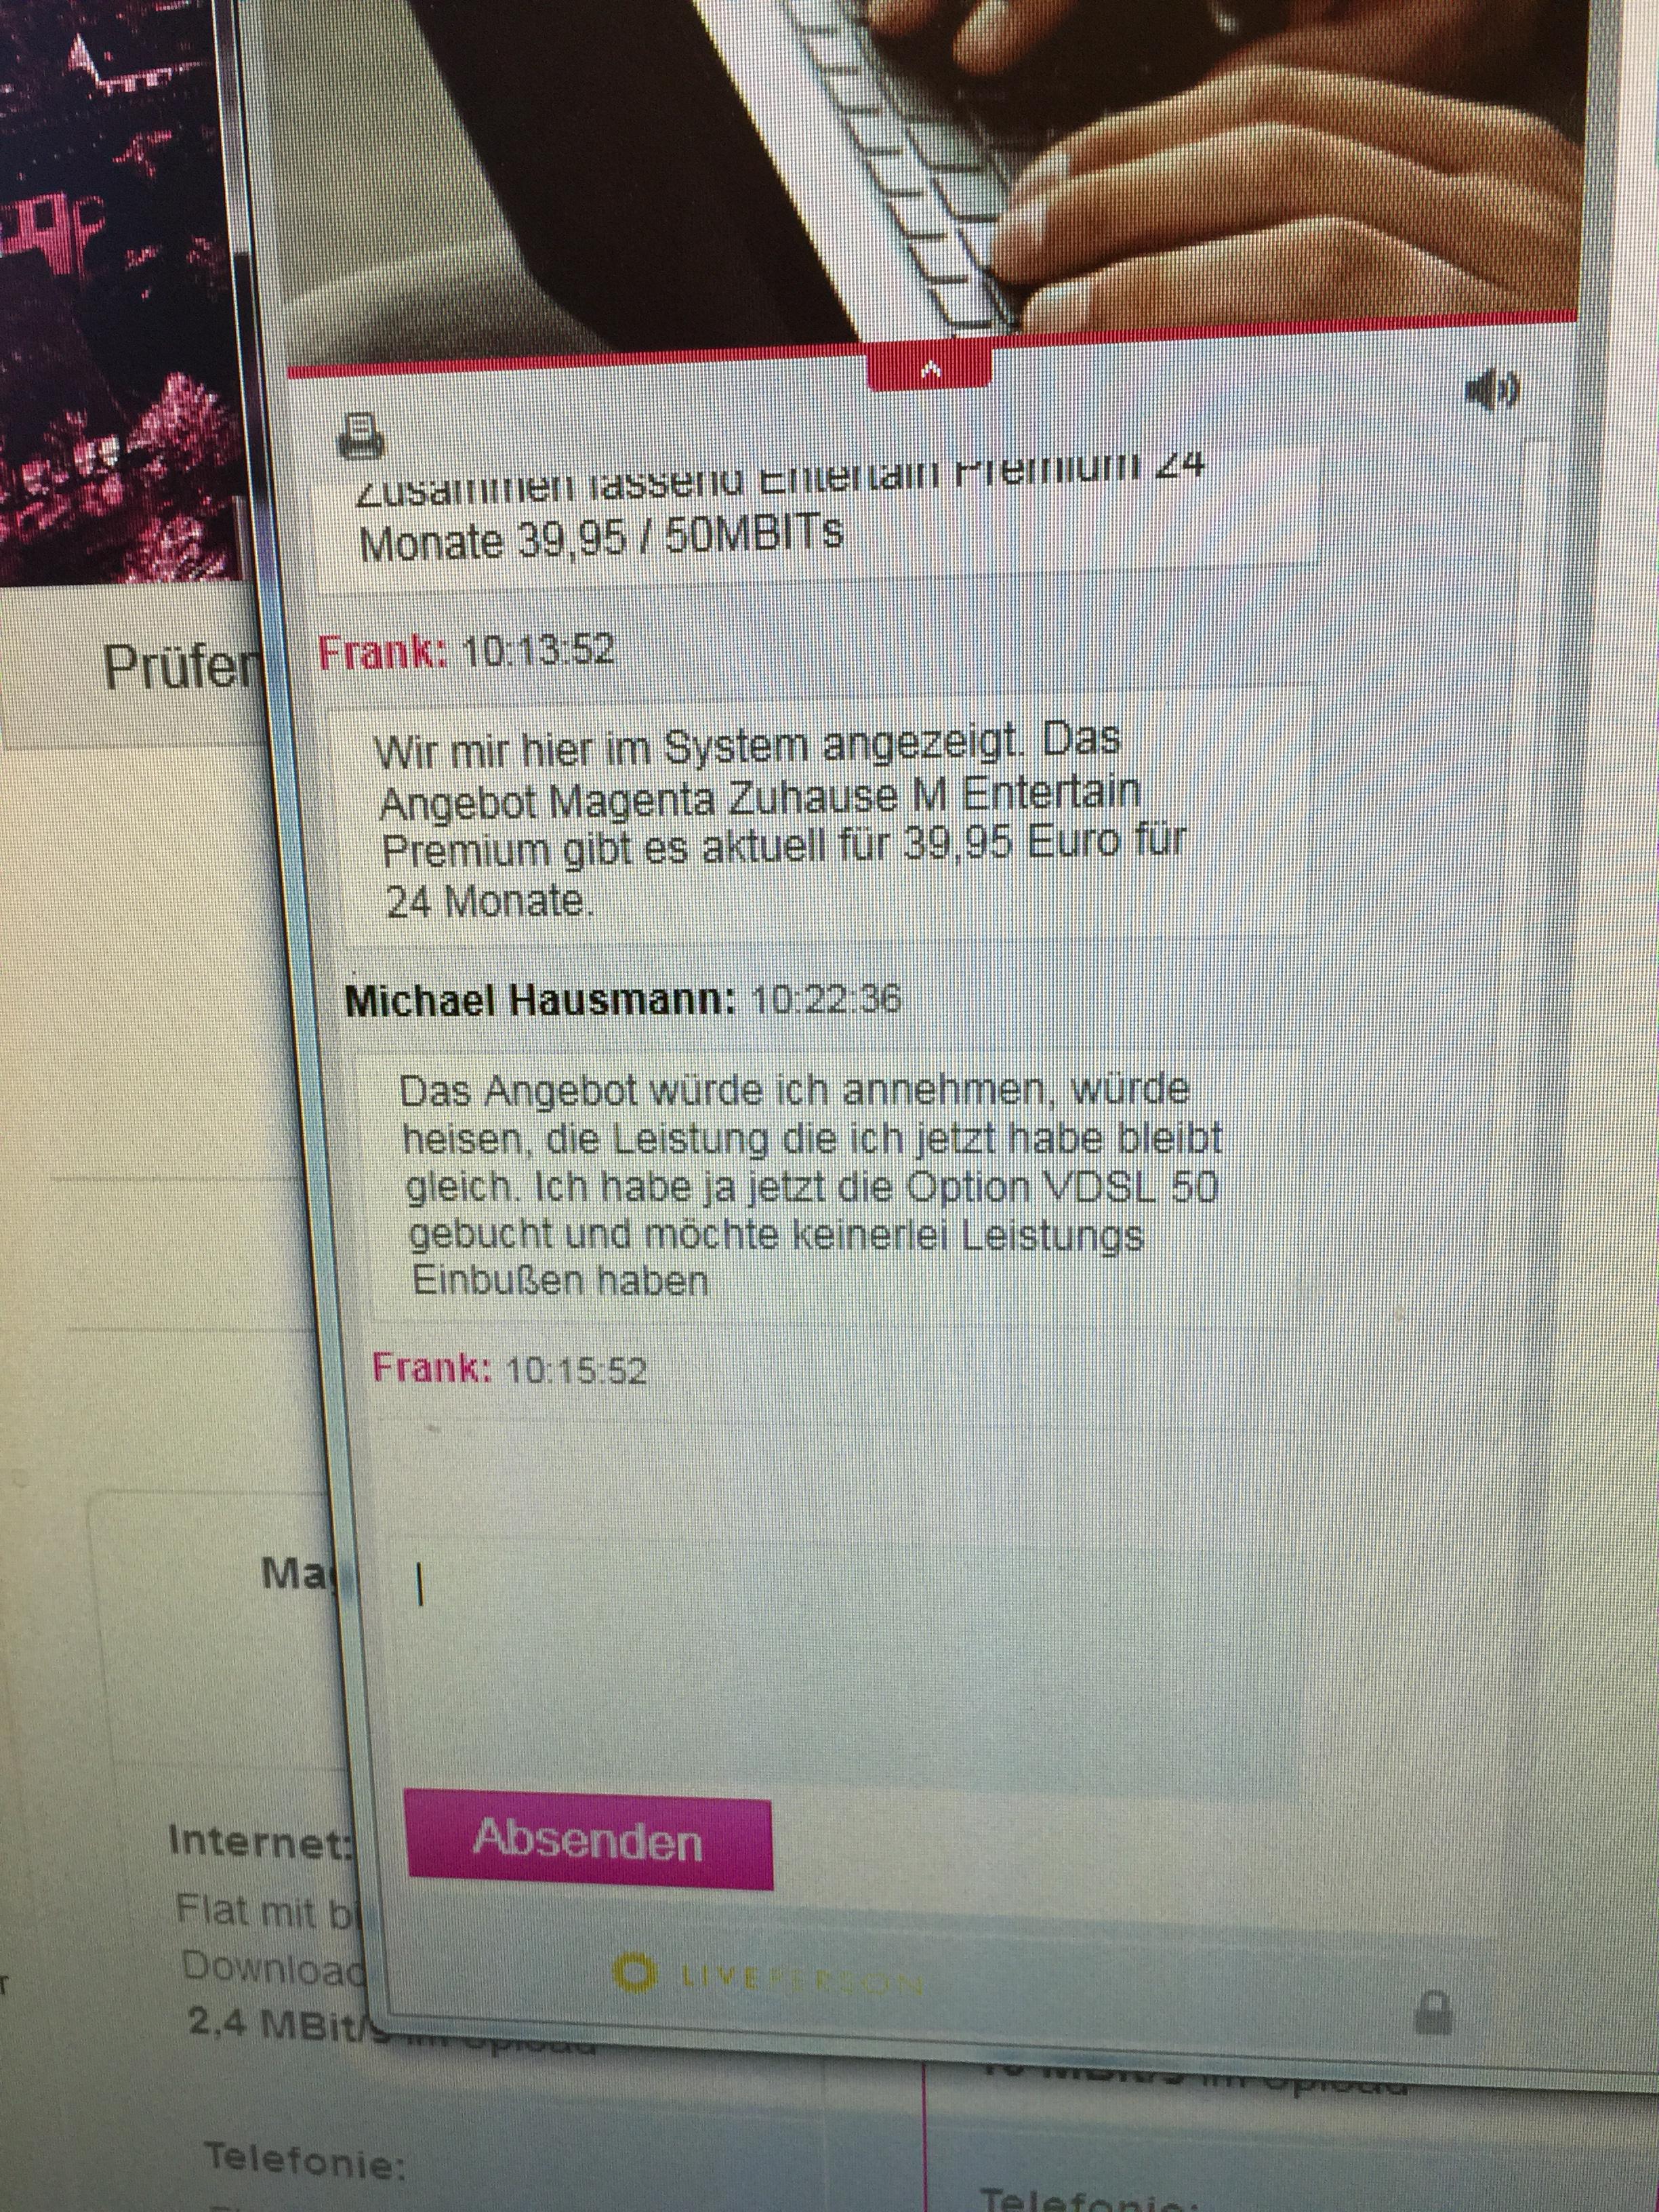 Community Falsche Versprechungen Seitens Der Telekom Bei Ver